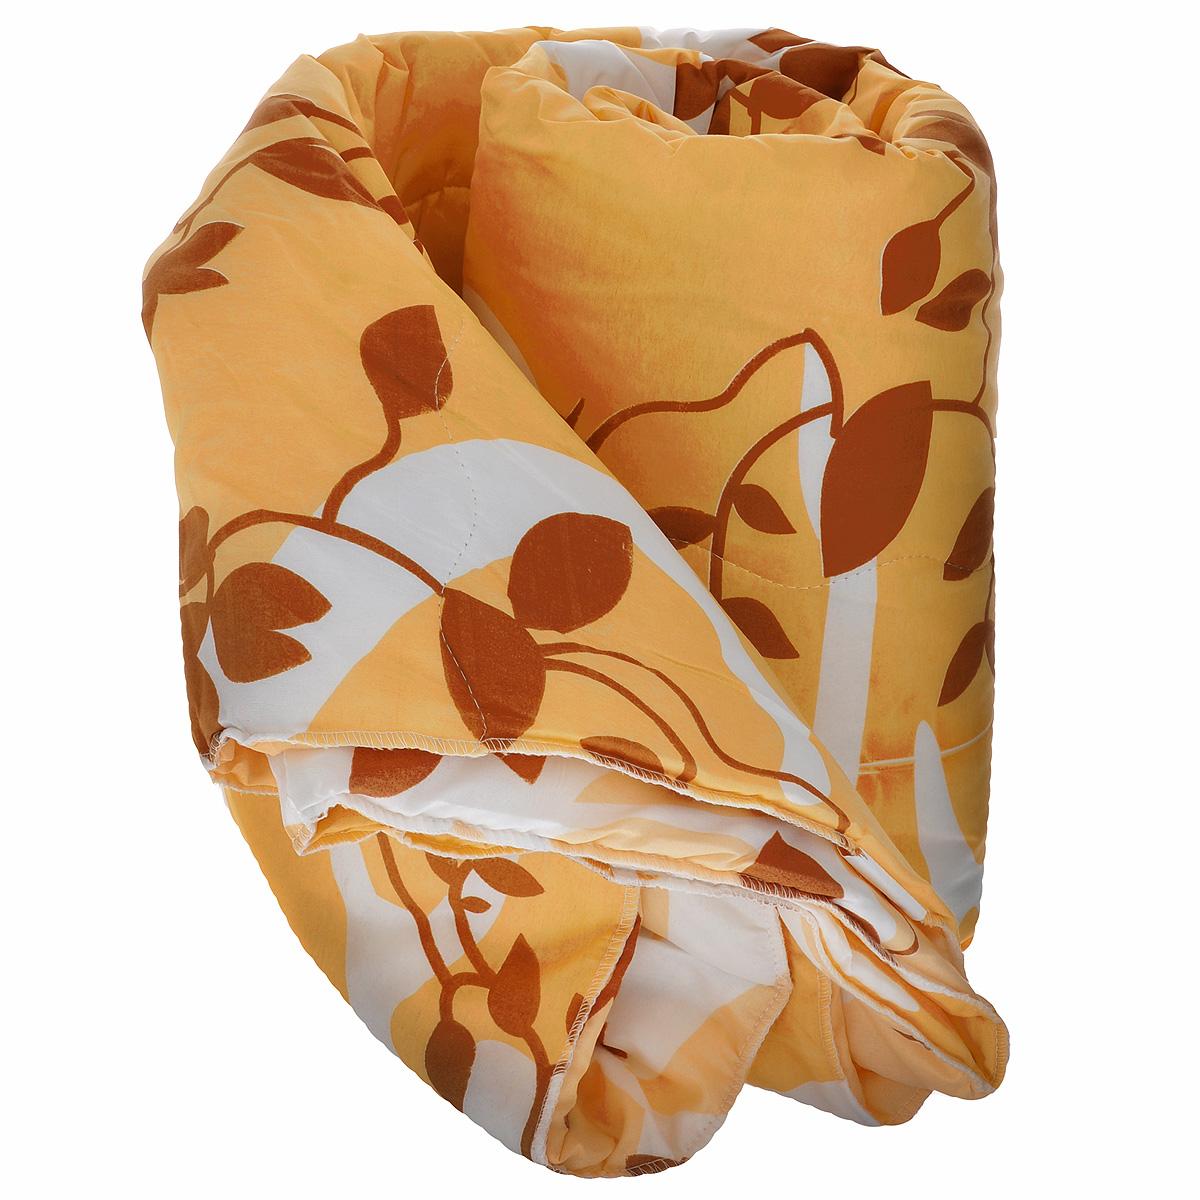 Одеяло Ник Мечта, наполнитель: термофайбер, цвет: желтый, 170 х 205 см531-105Одеяло Ник приятно удивит вас и создаст атмосферу тепла и комфорта в вашем доме. Одеяло изготовлено из полиэстера, а наполнителем является термофайбер.Термофайбер - нетканое полотно, состоящее из полого полиэфирного силиконизированного и легкоплавкого волокон. Полое силиконизированное полиэфионое волокно - это великолепный современный наполнитель для постельных принадлежностей. Соединяясь между собой, волокна образуют упругую пружинистую структуру. Благодаря ей наполнитель удерживает тепло в холодную погоду и не препятствует свободной циркуляции воздуха для удаления влаги в жаркую погоду. Наполнитель не сваливается и не приминается, великолепно сохраняя форму даже после многократных стирок и сушек, подходит людям, страдающим аллергией на пух и перья.Свойства термофайбера: - отличные теплоизоляционные свойства; - воздухопроницаемость; - гипоаллергенность; - простой и легкий уход; - быстро высыхает и восстанавливает объем после стирки. Размер: 170 см х 205 см.